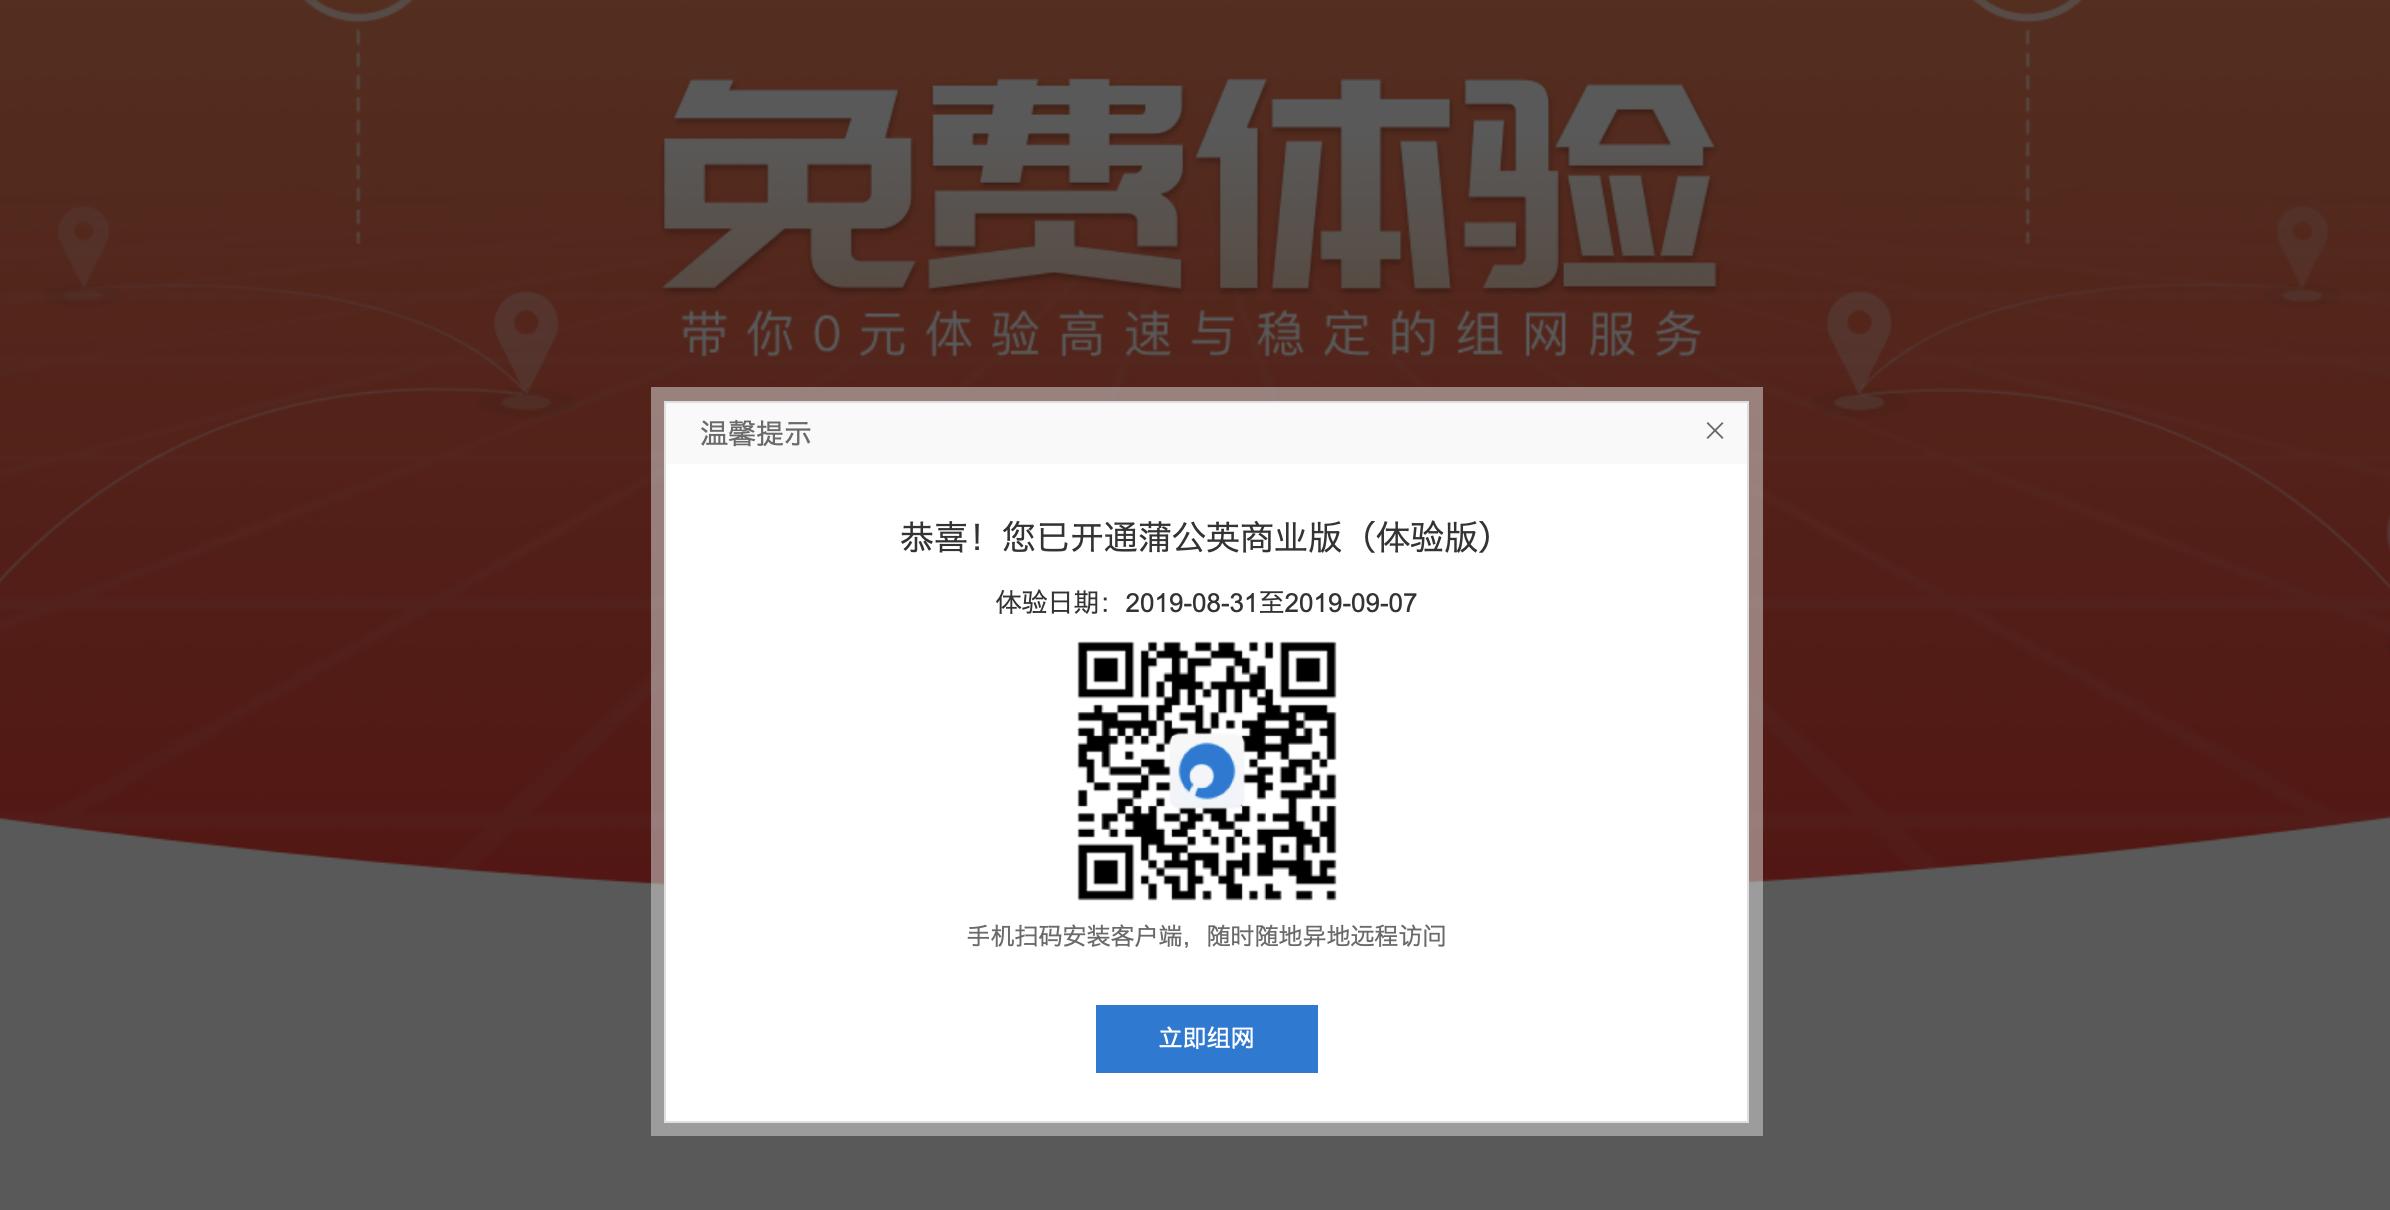 terraria+蒲公英vpn组网(超简单100%成功)